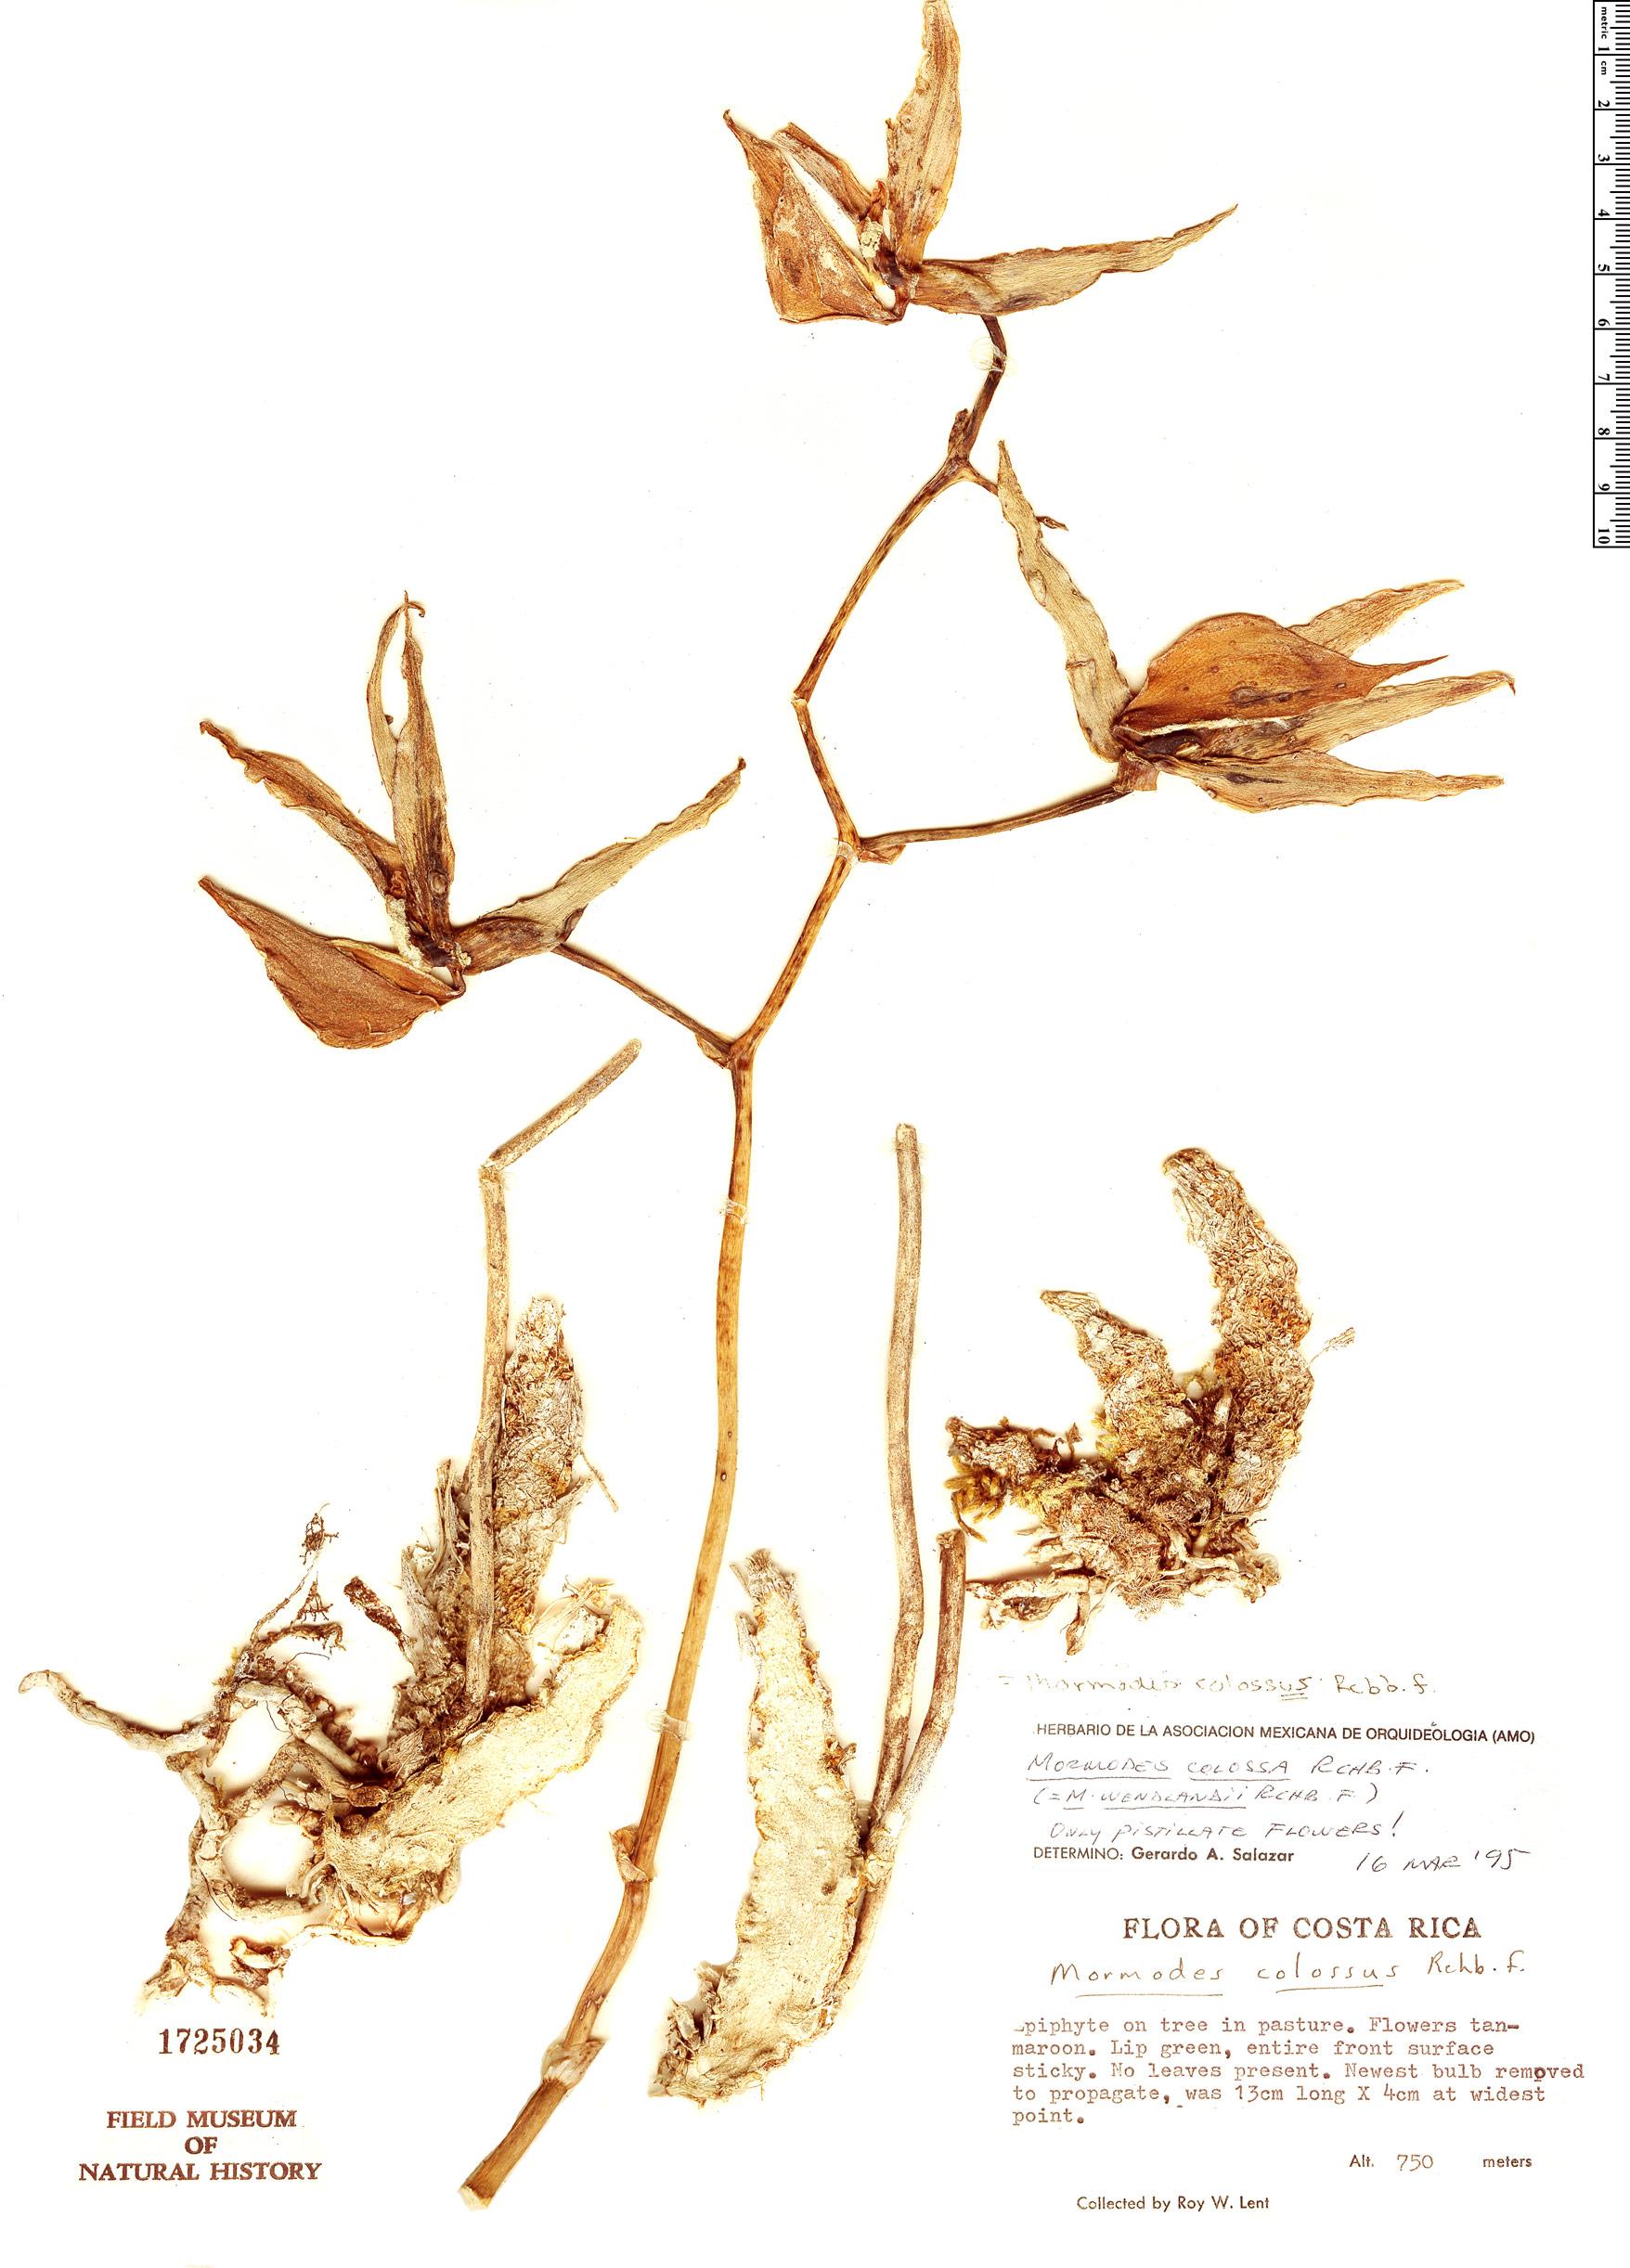 Specimen: Mormodes colossus